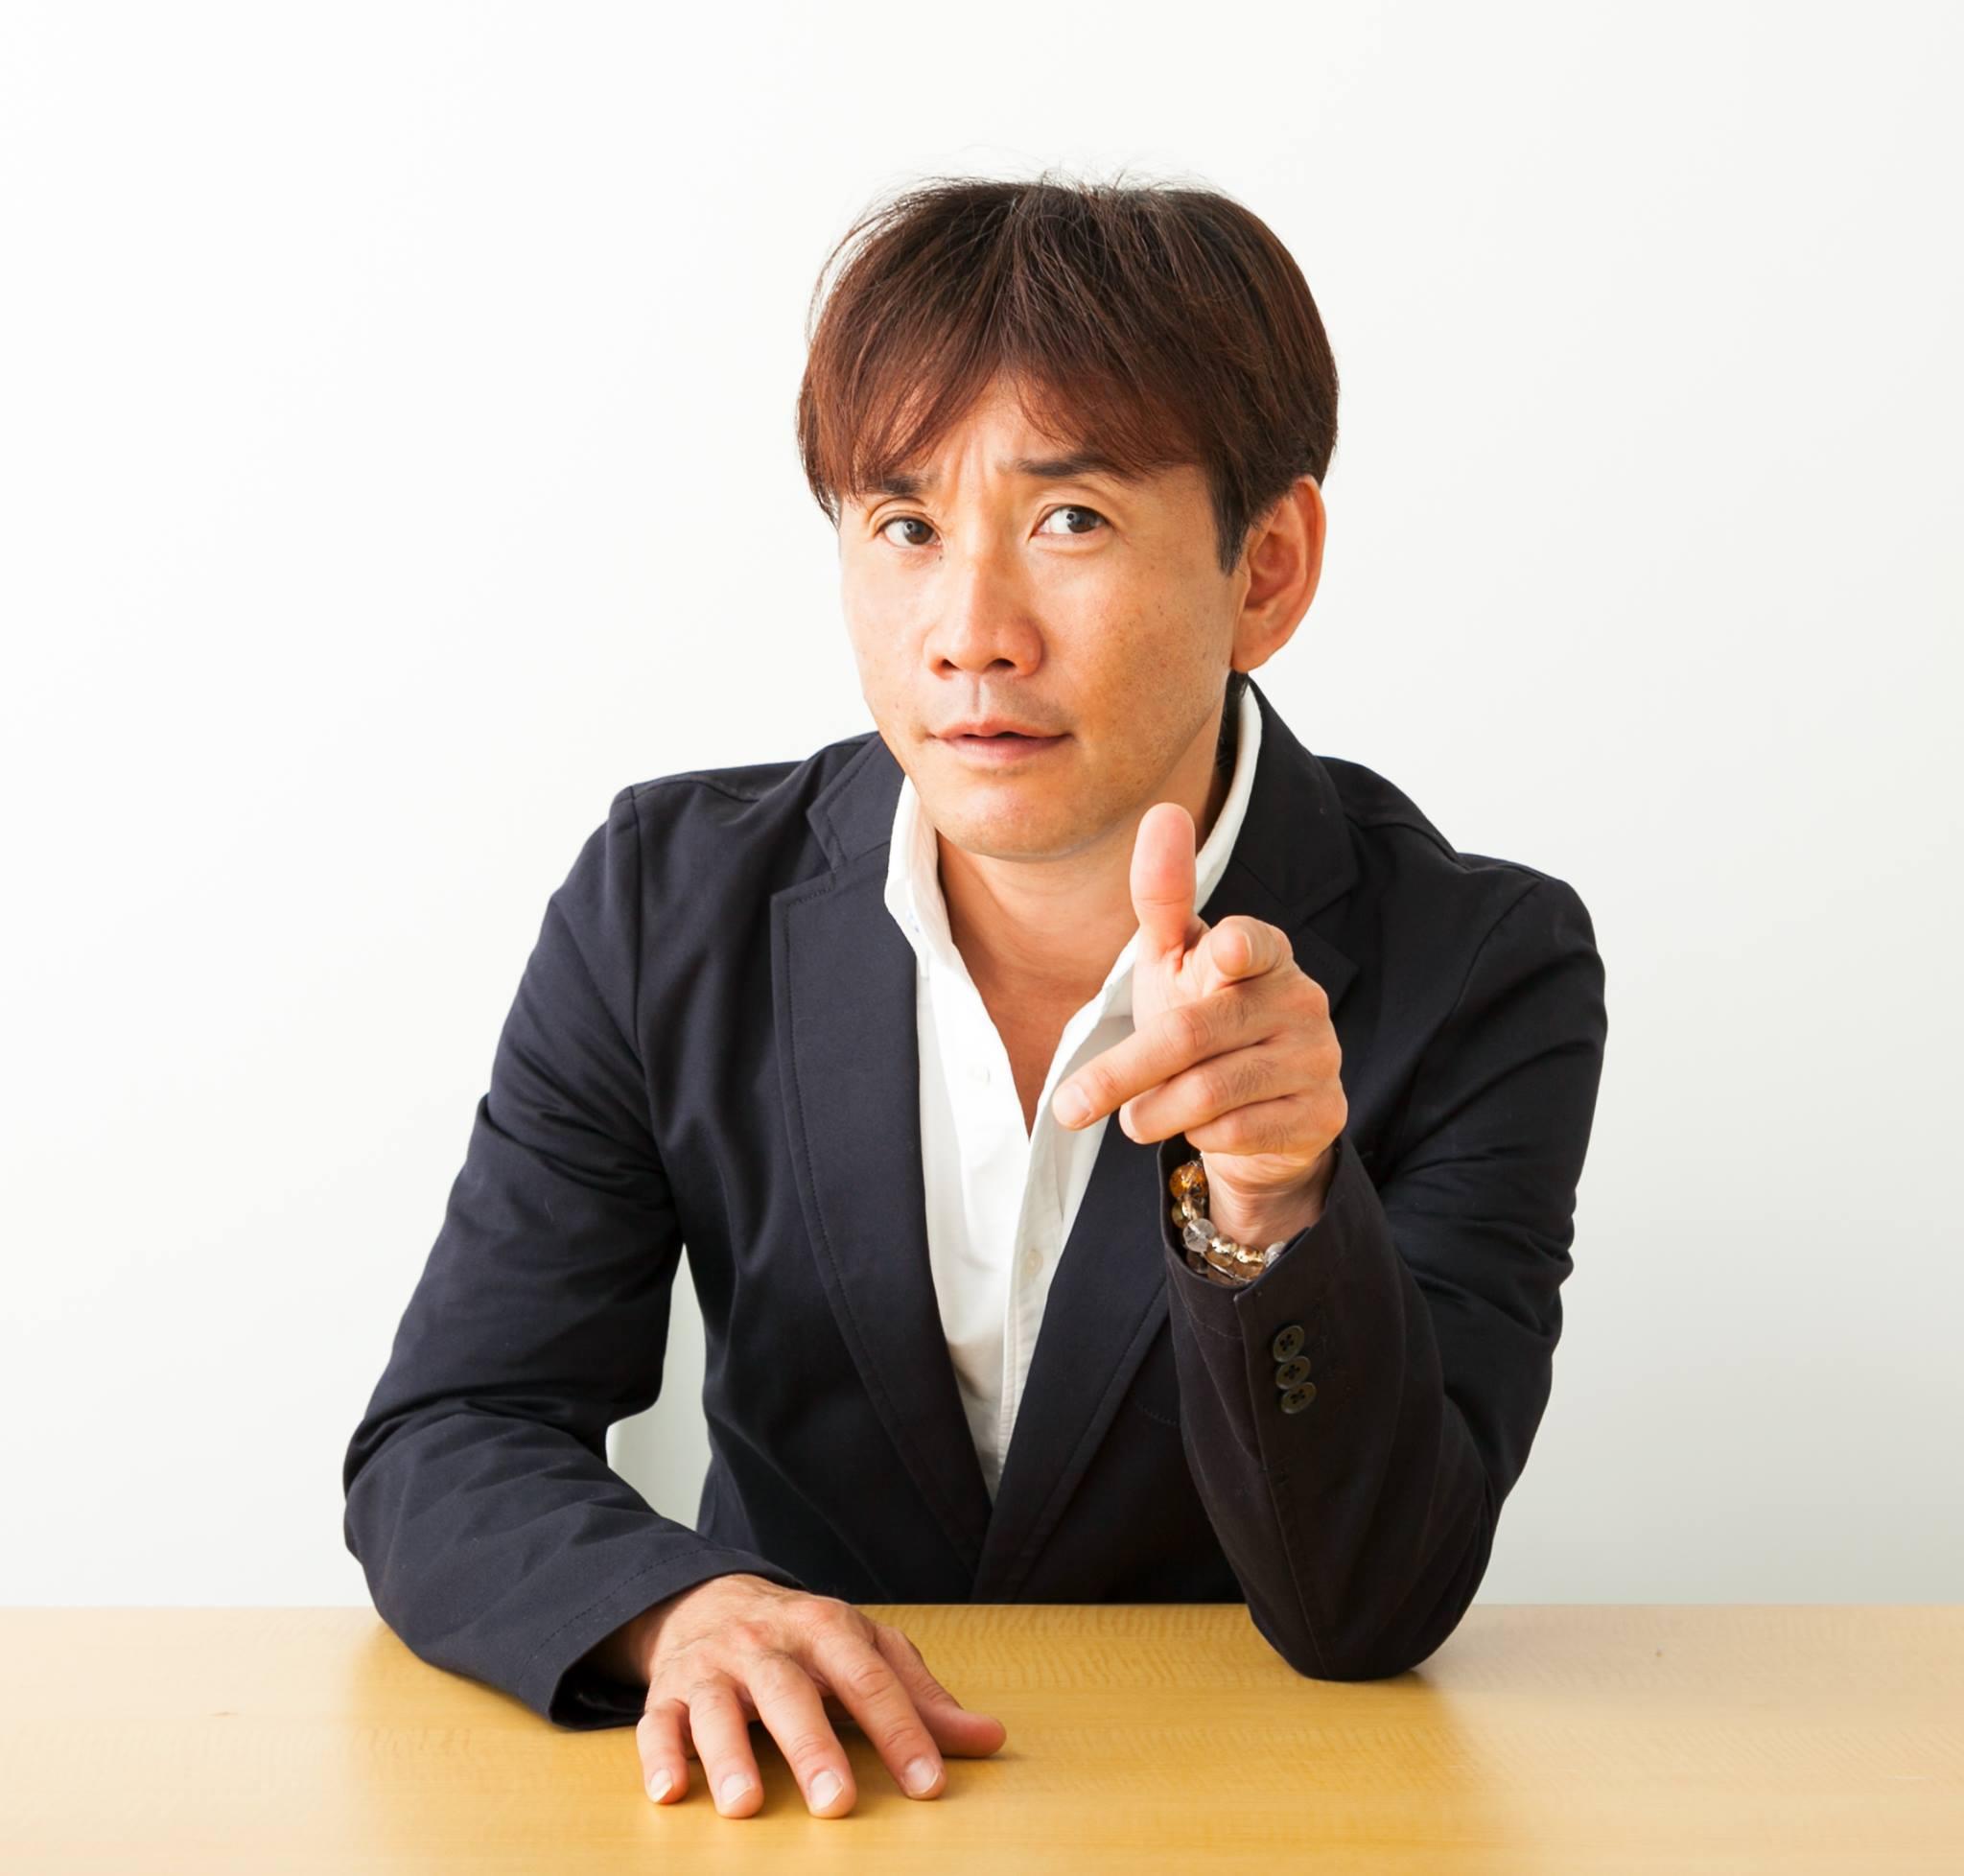 南光史一理事 ISD個性心理学協会 広島講演会にて